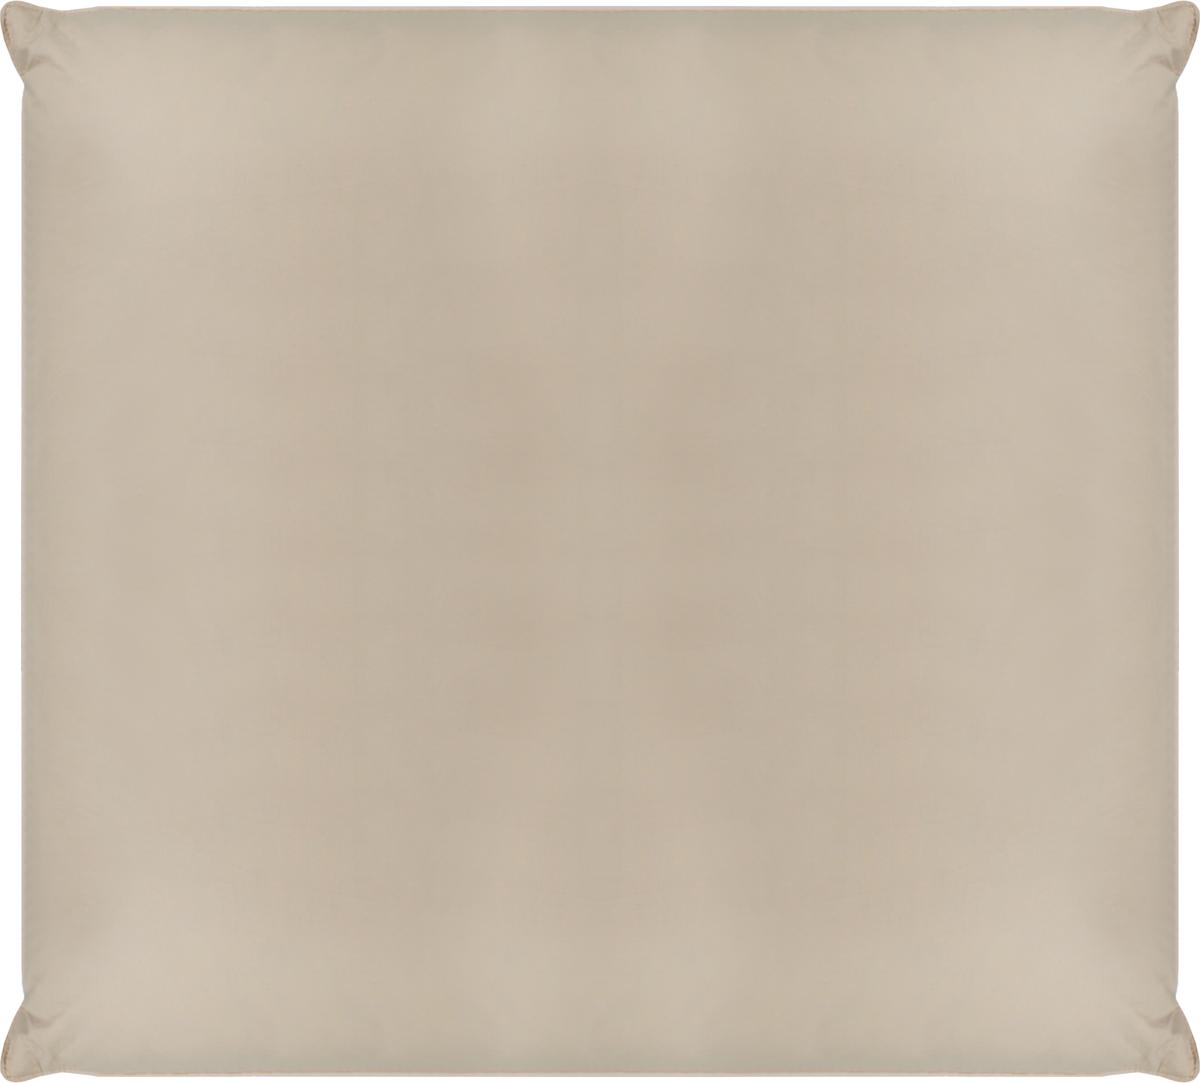 Подушка Belashoff Диалог, средняя, цвет: бежевый, шоколадный, 68 х 68 смПП 3 - 1 СВ изготовлении коллекции Диалог используется технология 2 в 1 - уникальное сочетание пухового наполнителя и полиэфирного микроволокна, что придает изделиям еще большую упругость и легкость в сочетании с традиционными теплоизоляционными и гигроскопичными качествами. Подушка с таким наполнителем обеспечит оптимальную поддержку головы во время сна, а одеяло согреет и создаст комфортные условия для отдыха.Концепцию 2 в 1 в коллекции Диалог подчеркивает сочетание двух контрастных цветов ткани.